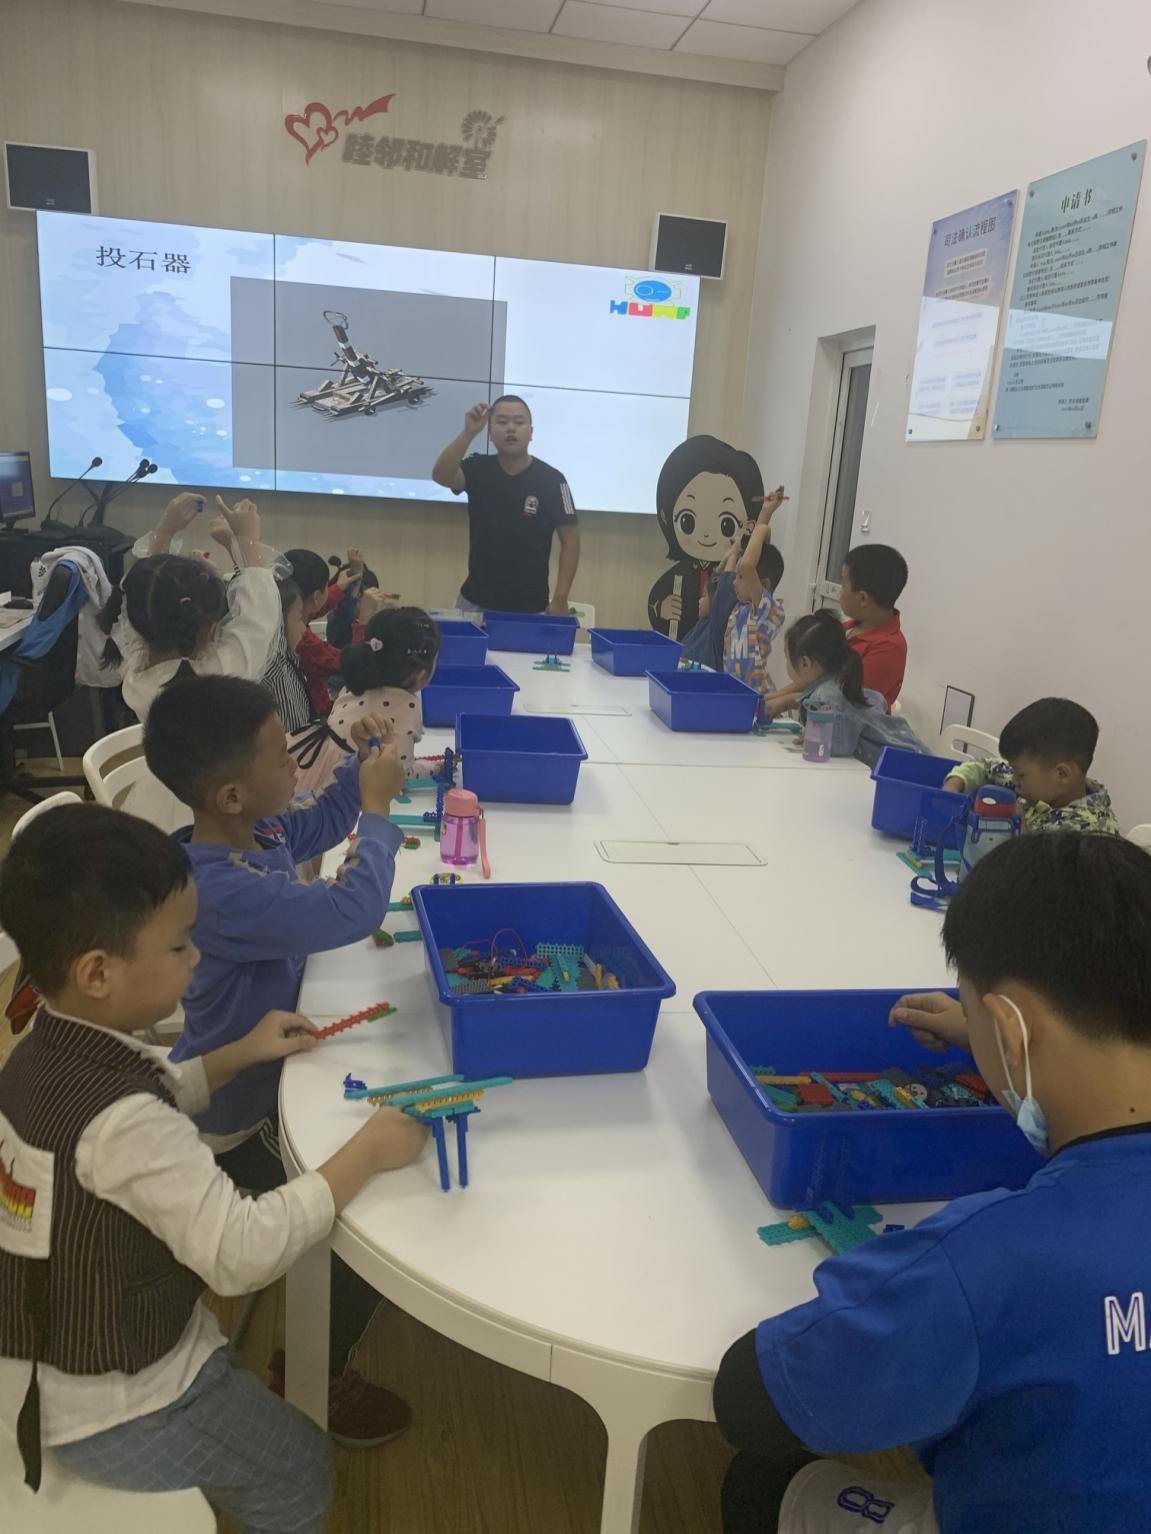 http://www.goschool.org.cn/d/file/97665865.jpg